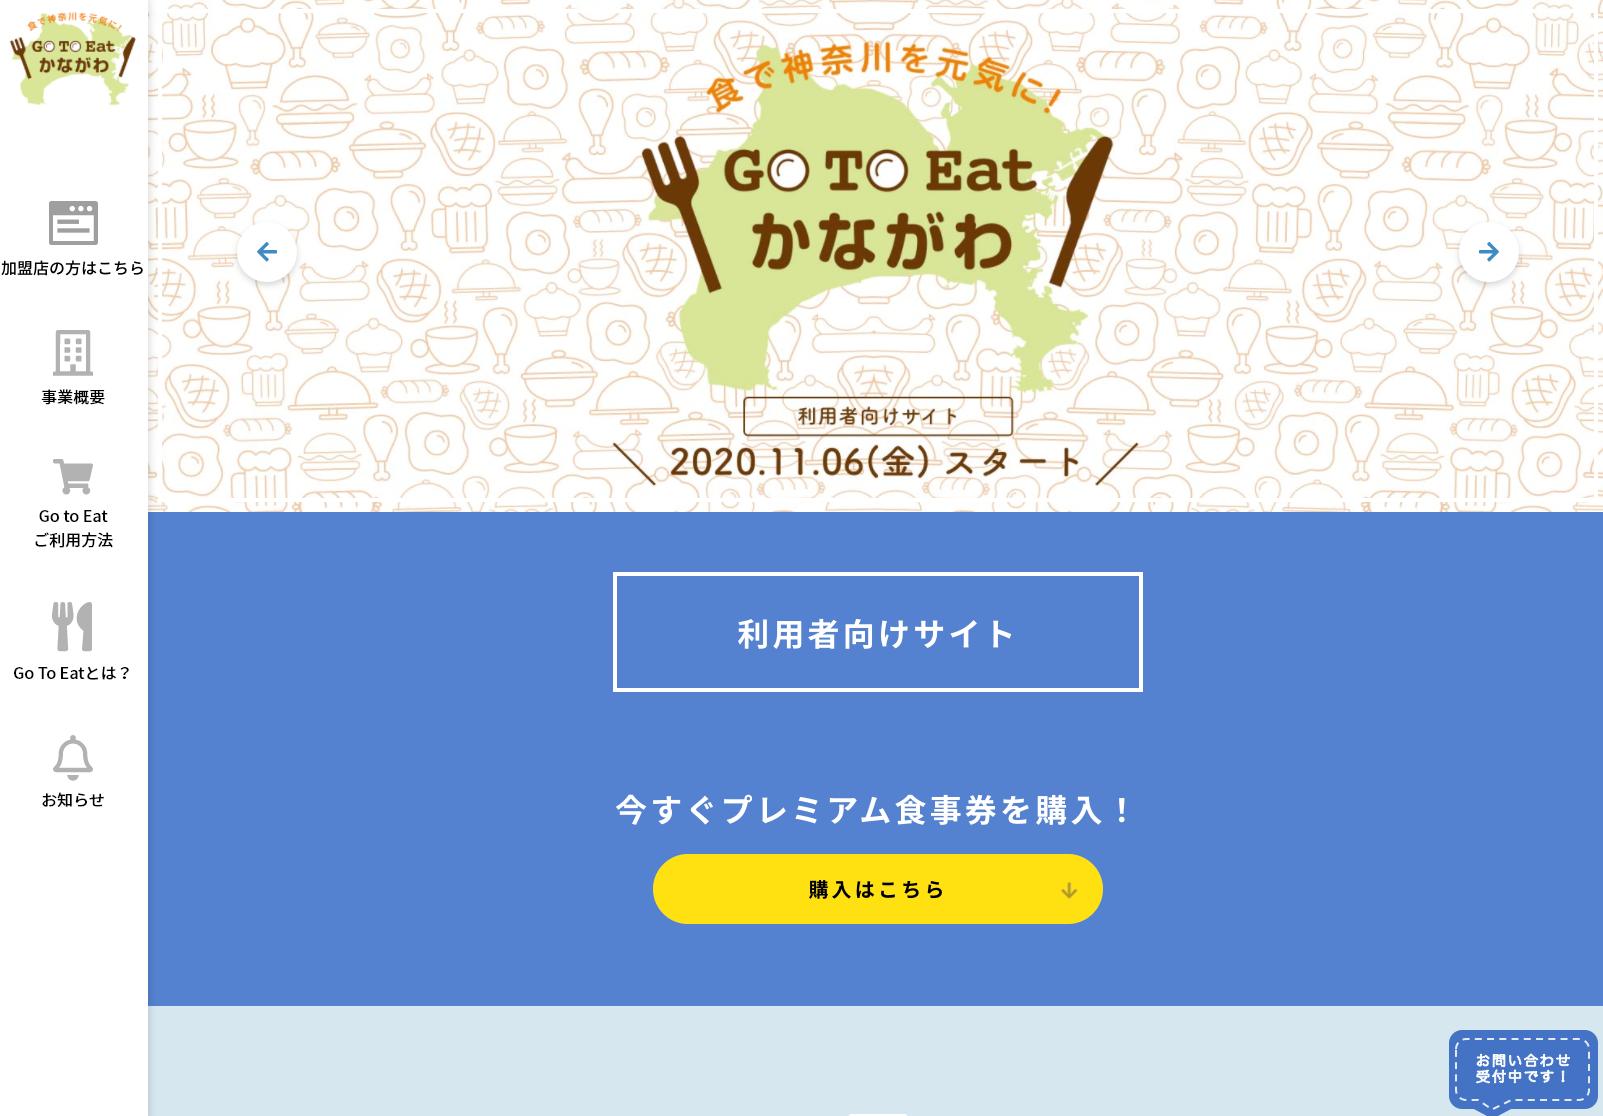 食事 券 イート 県 ゴートゥー 神奈川